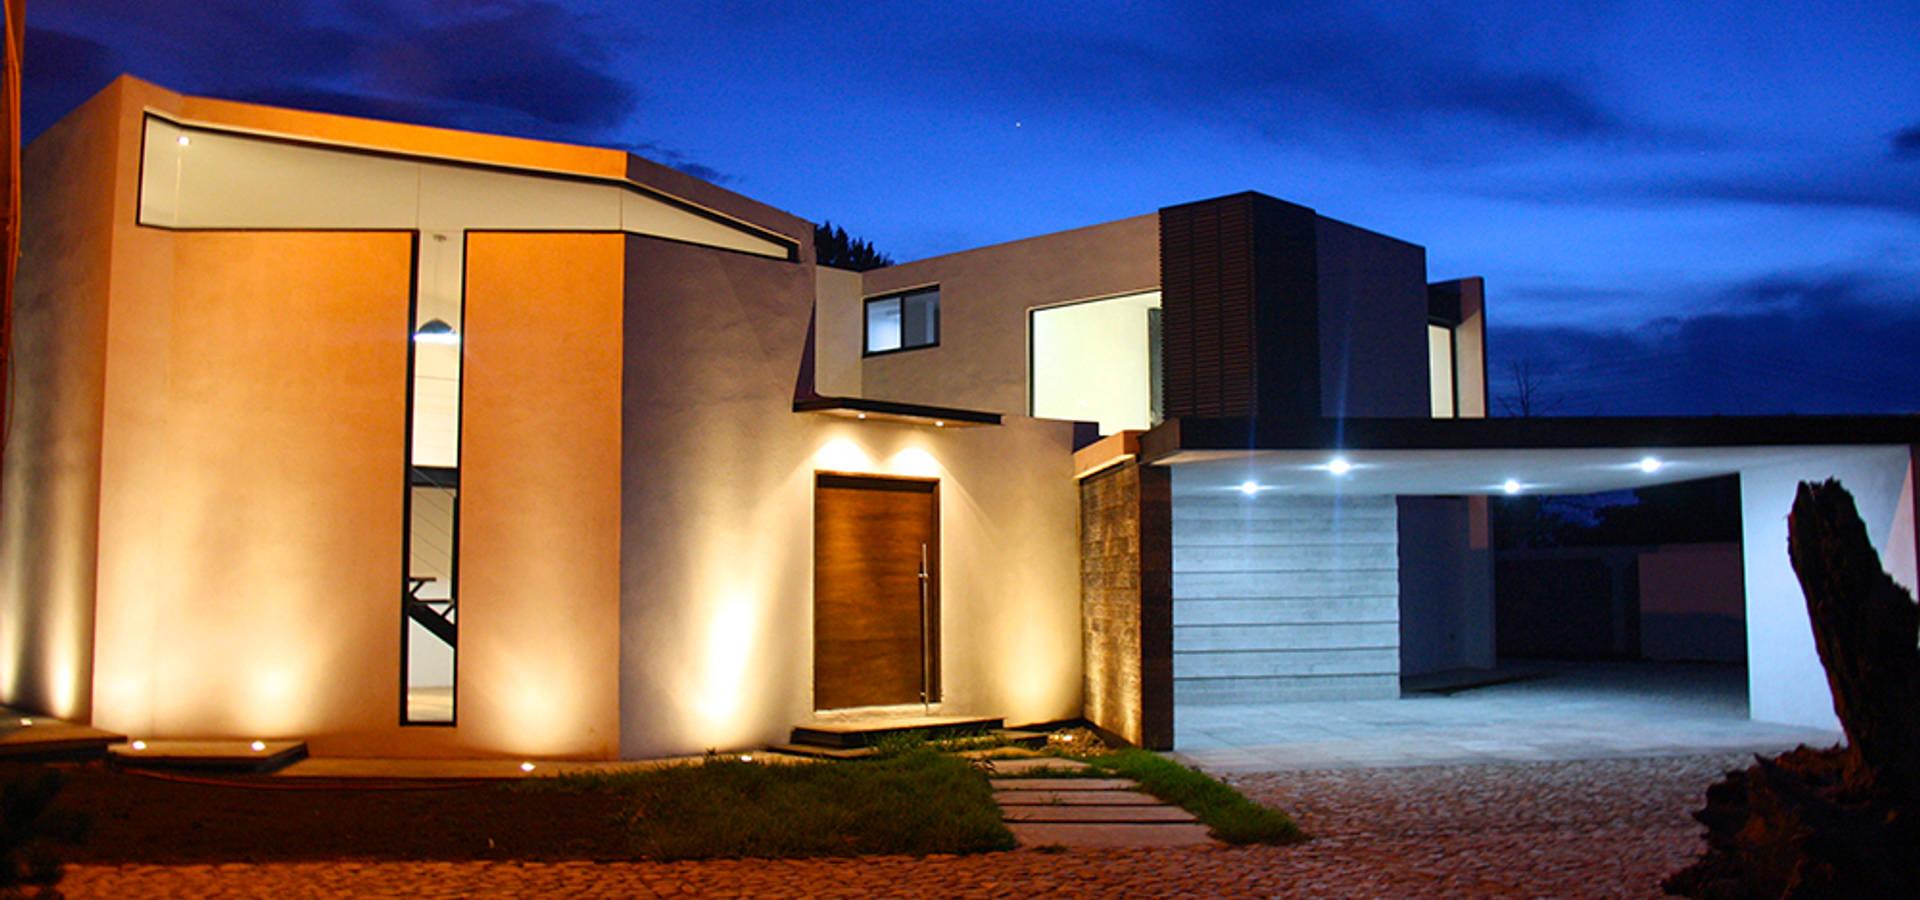 Casa patio de narda davila arquitectura homify for Casas para patios exteriores